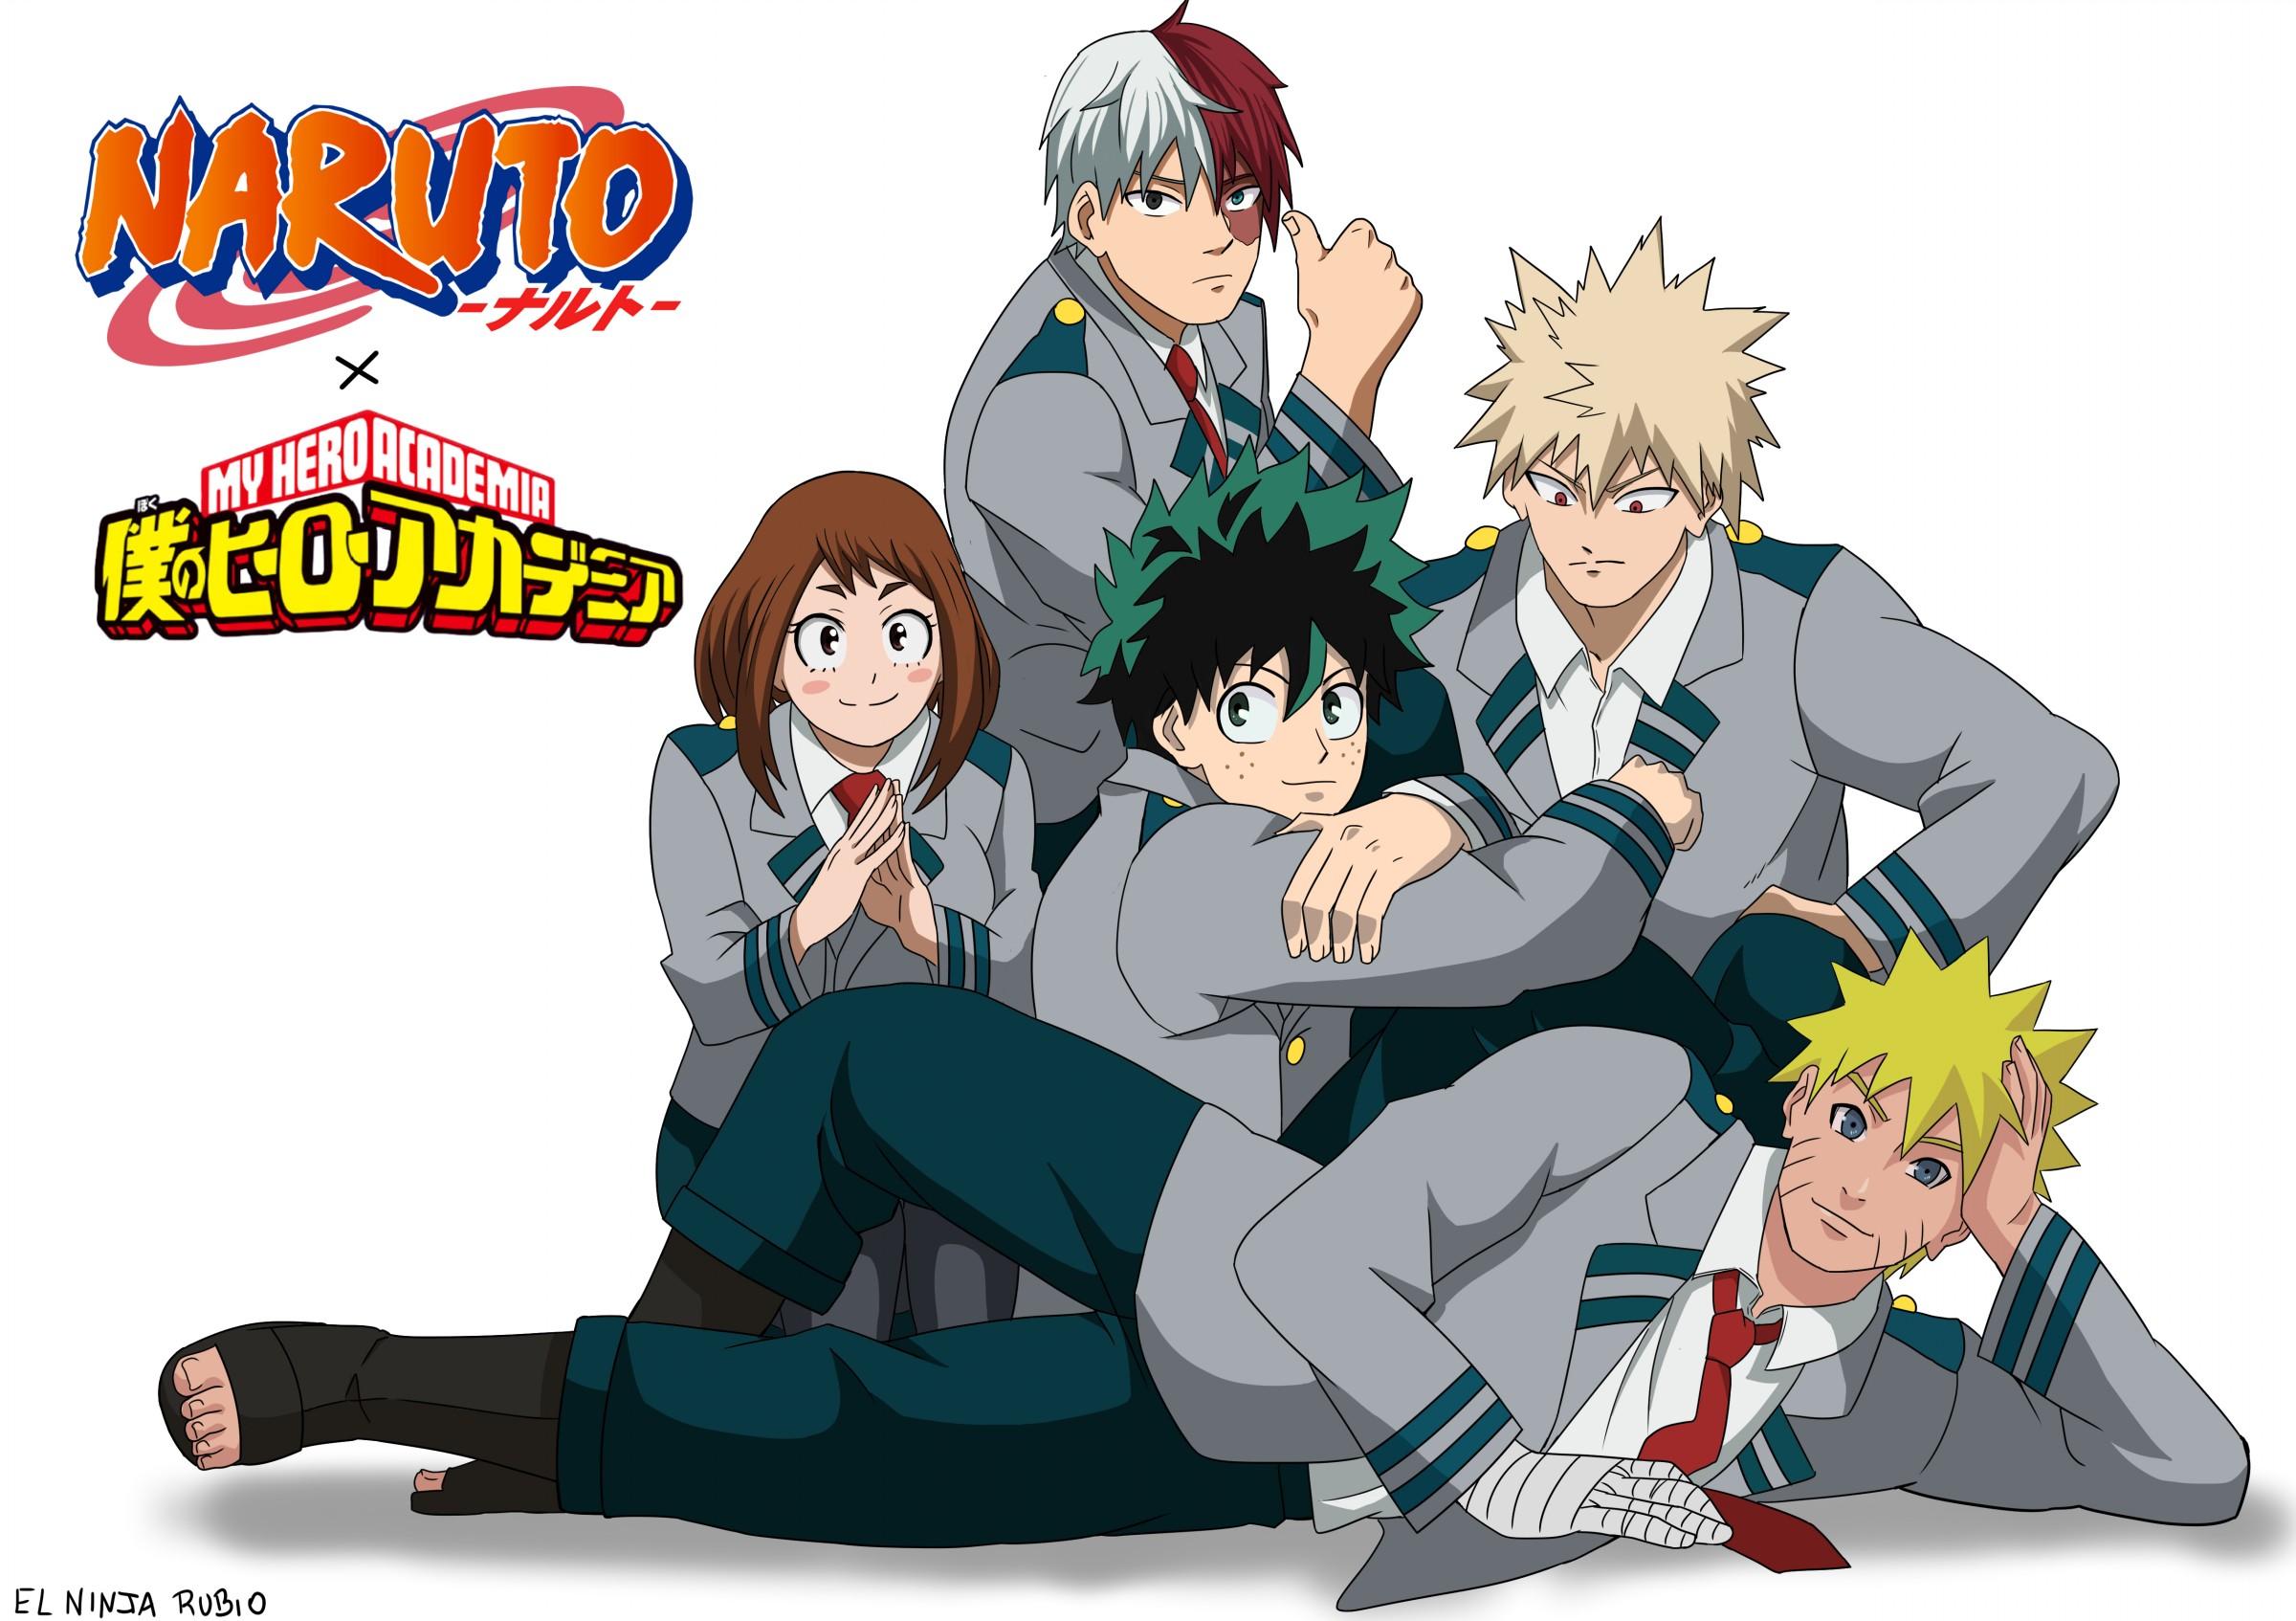 Naruto Naruto Uzumaki Izuku Midoriya Ochaco Uraraka Katsuki Bakugou Shoto Todoroki My Hero Academia  2400x1694